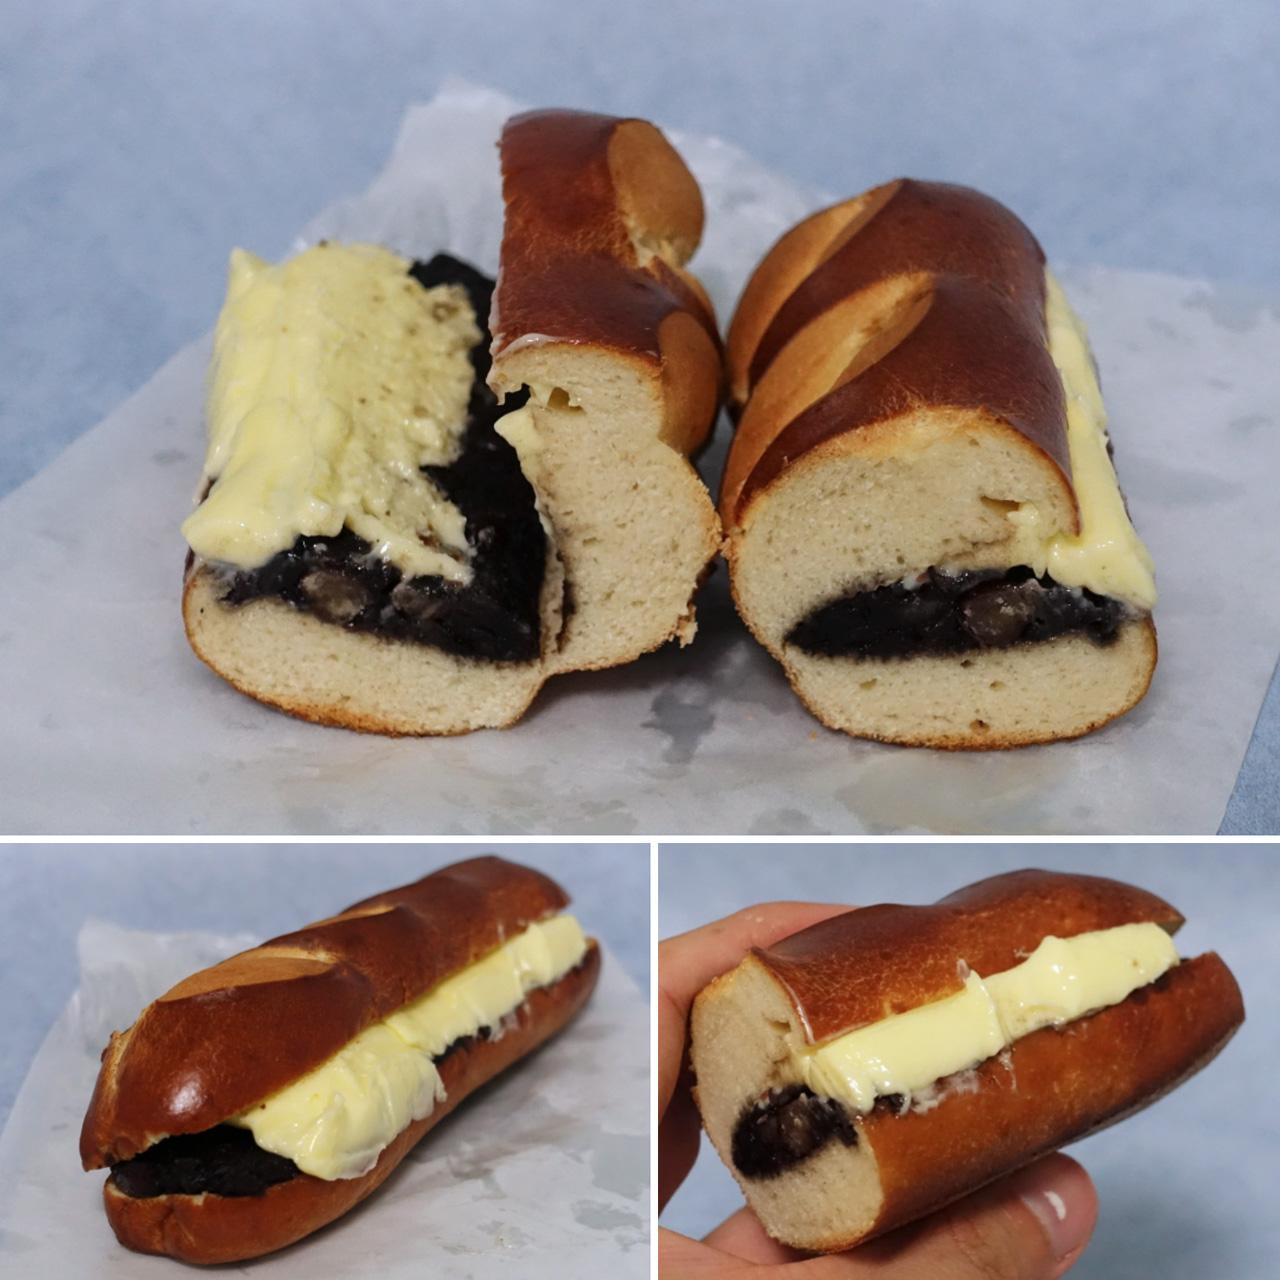 프레즐 빵에 팥앙금과 버터면 무조건 맛있..